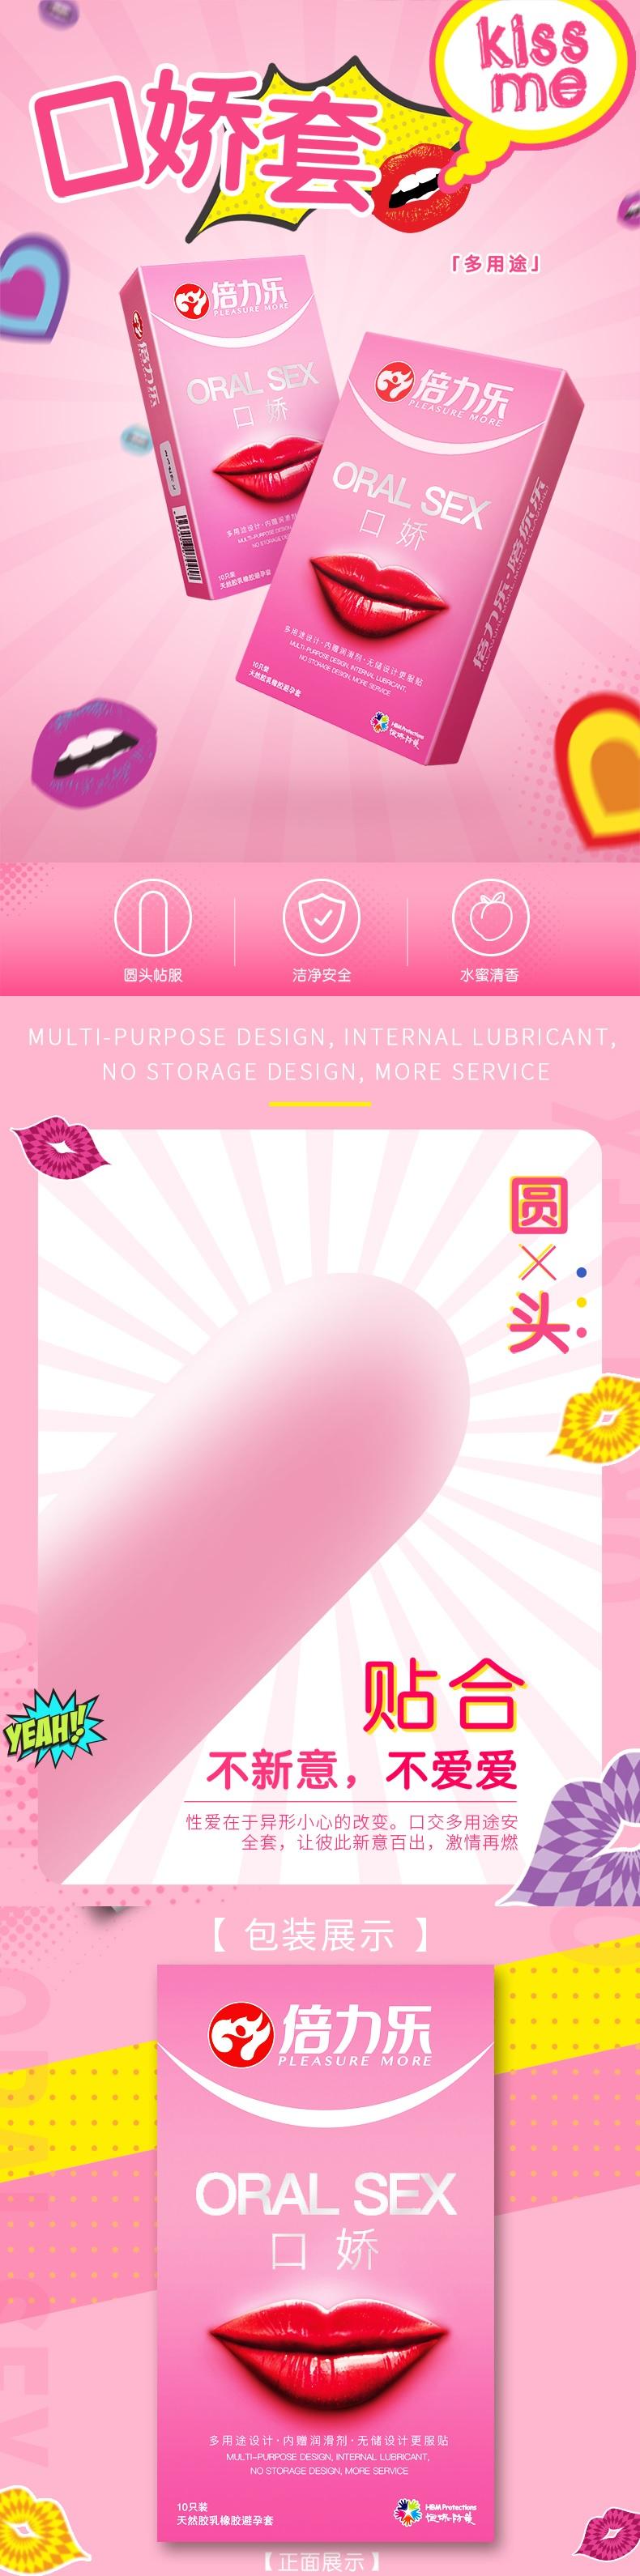 BE006 Oral Sex Condom